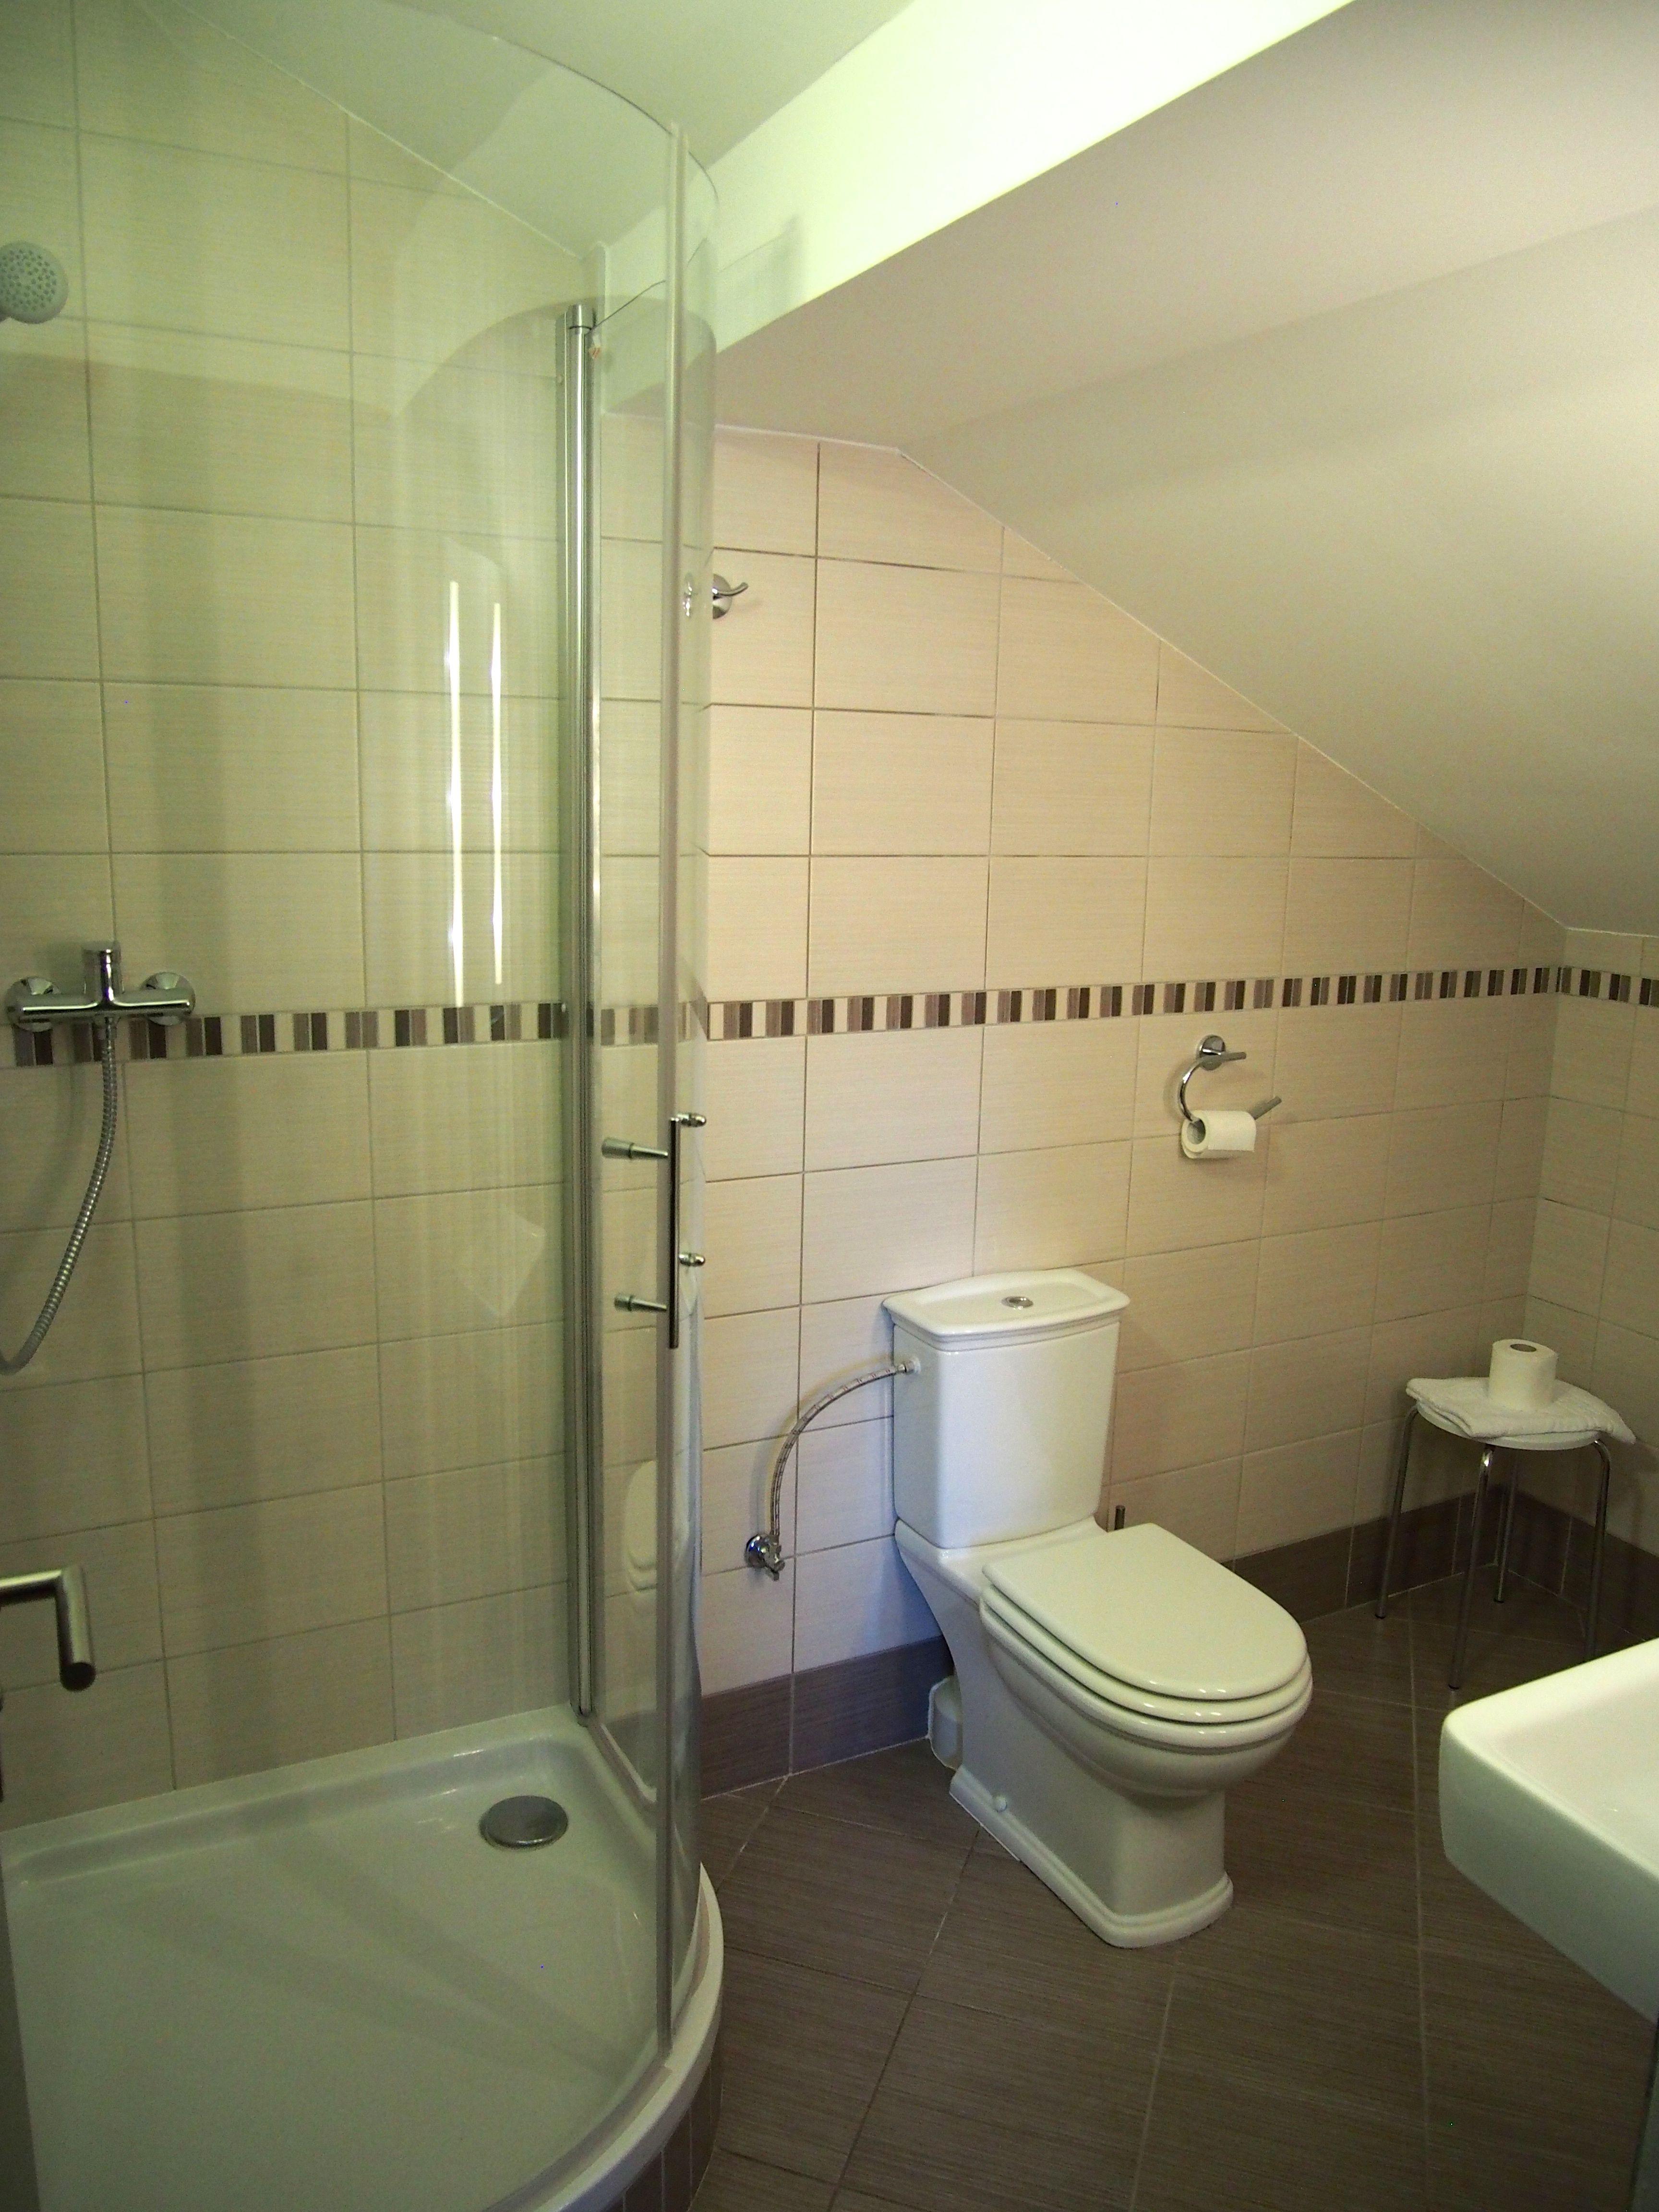 pok-podkrovi-wc